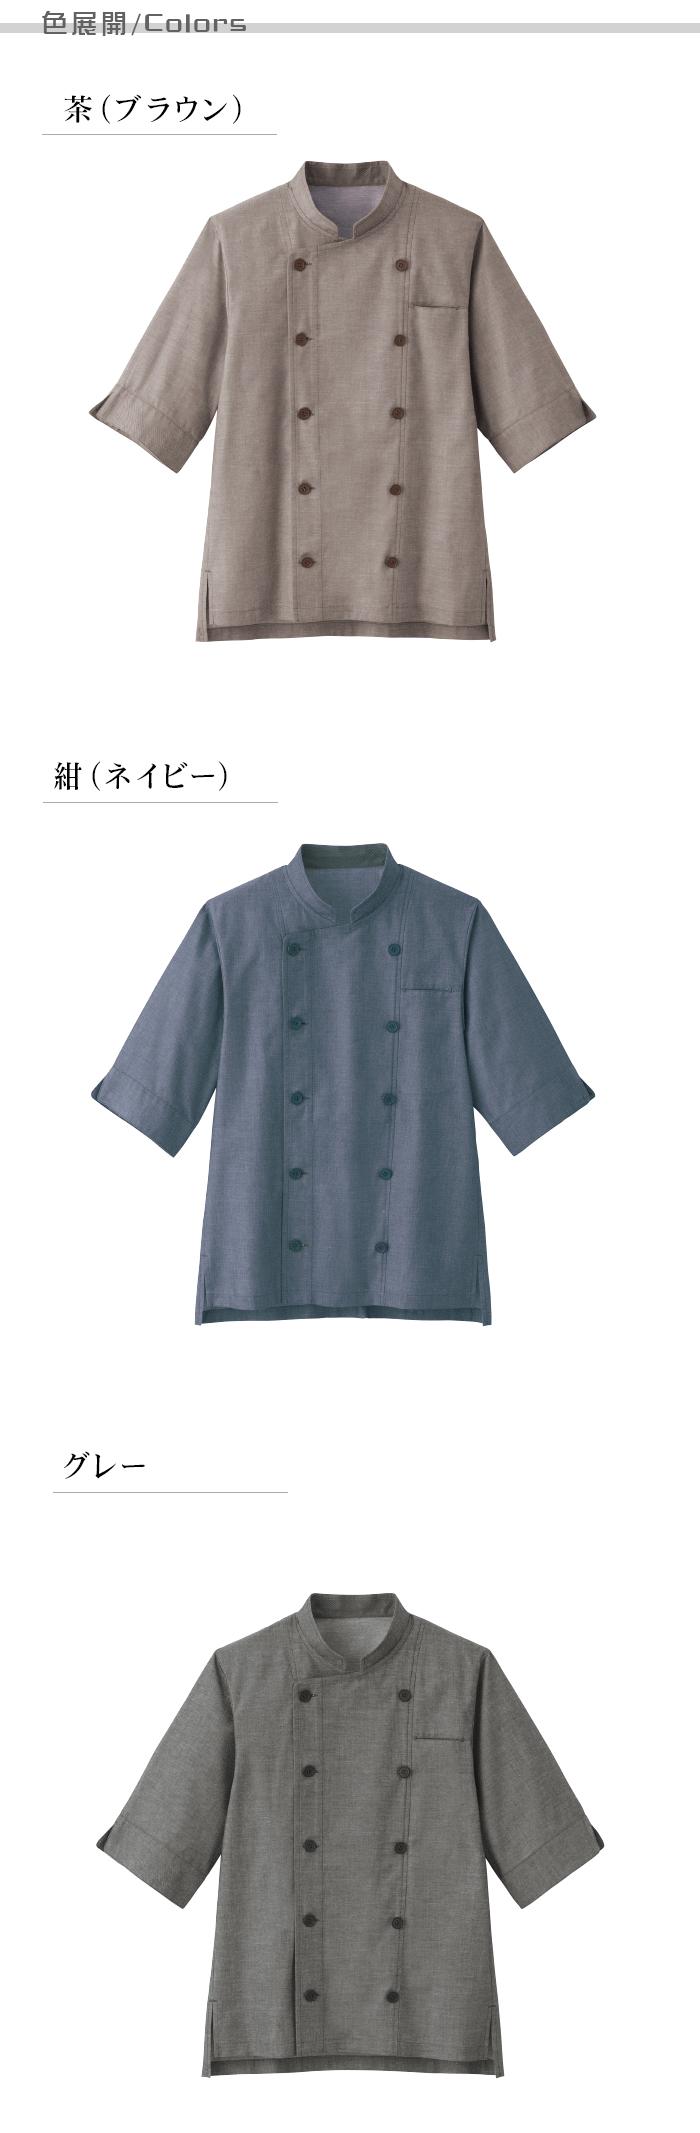 飲食店販売店制服コックコート グレートーン3色でシックな店舗イメージ作りに。  商品色展開説明